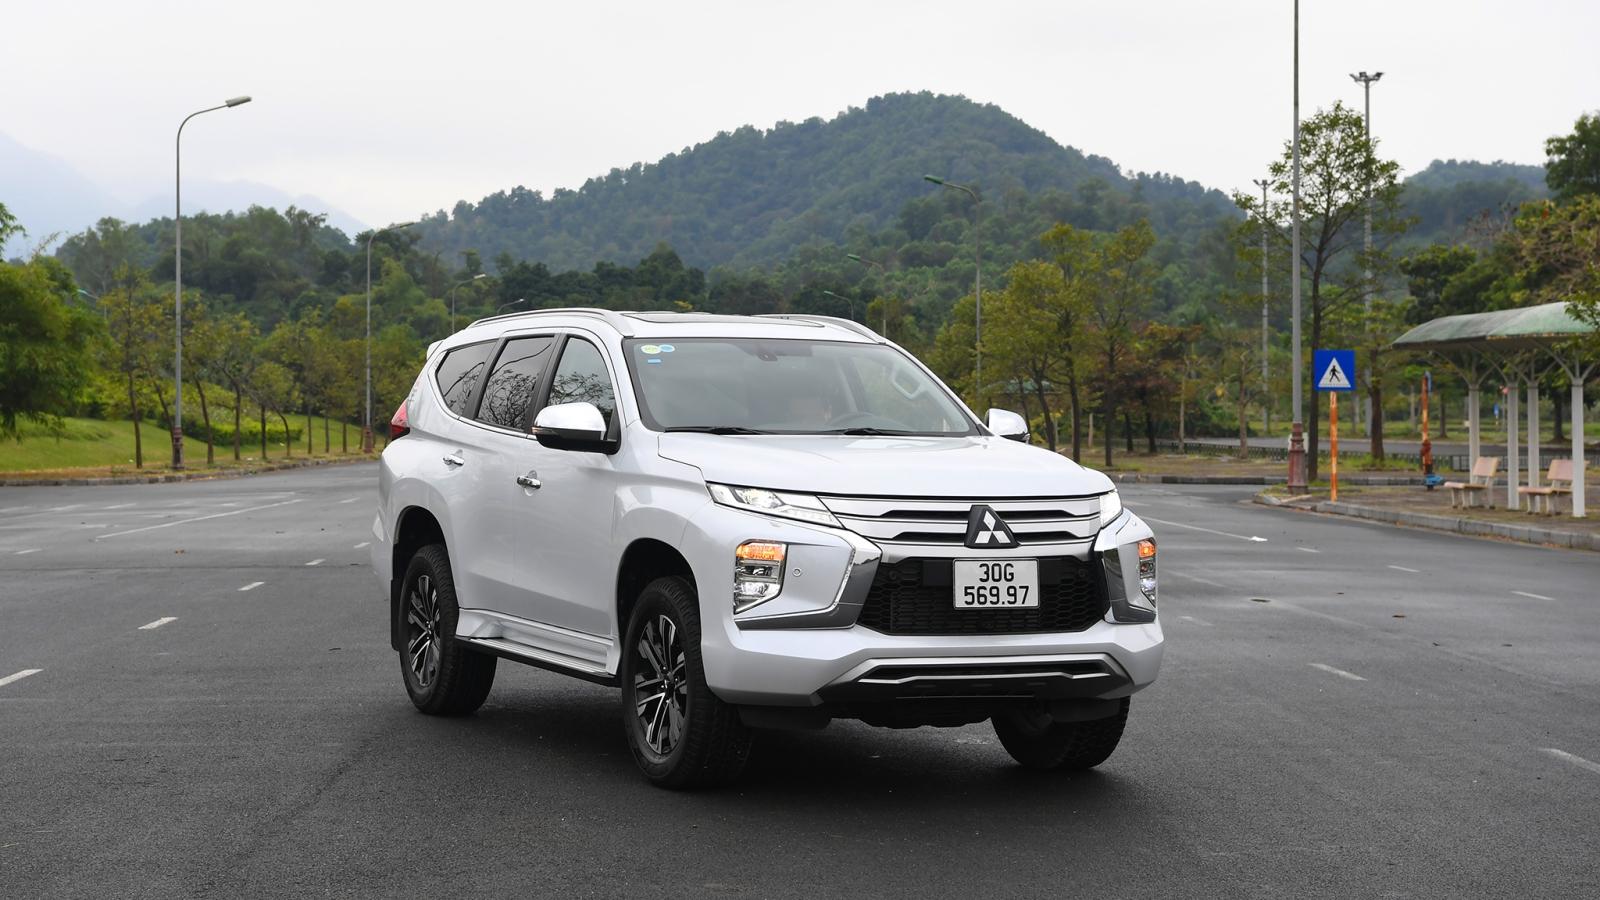 Mitsubishi Pajero Sport 2020 lấy ngoại hình là điểm nhấn